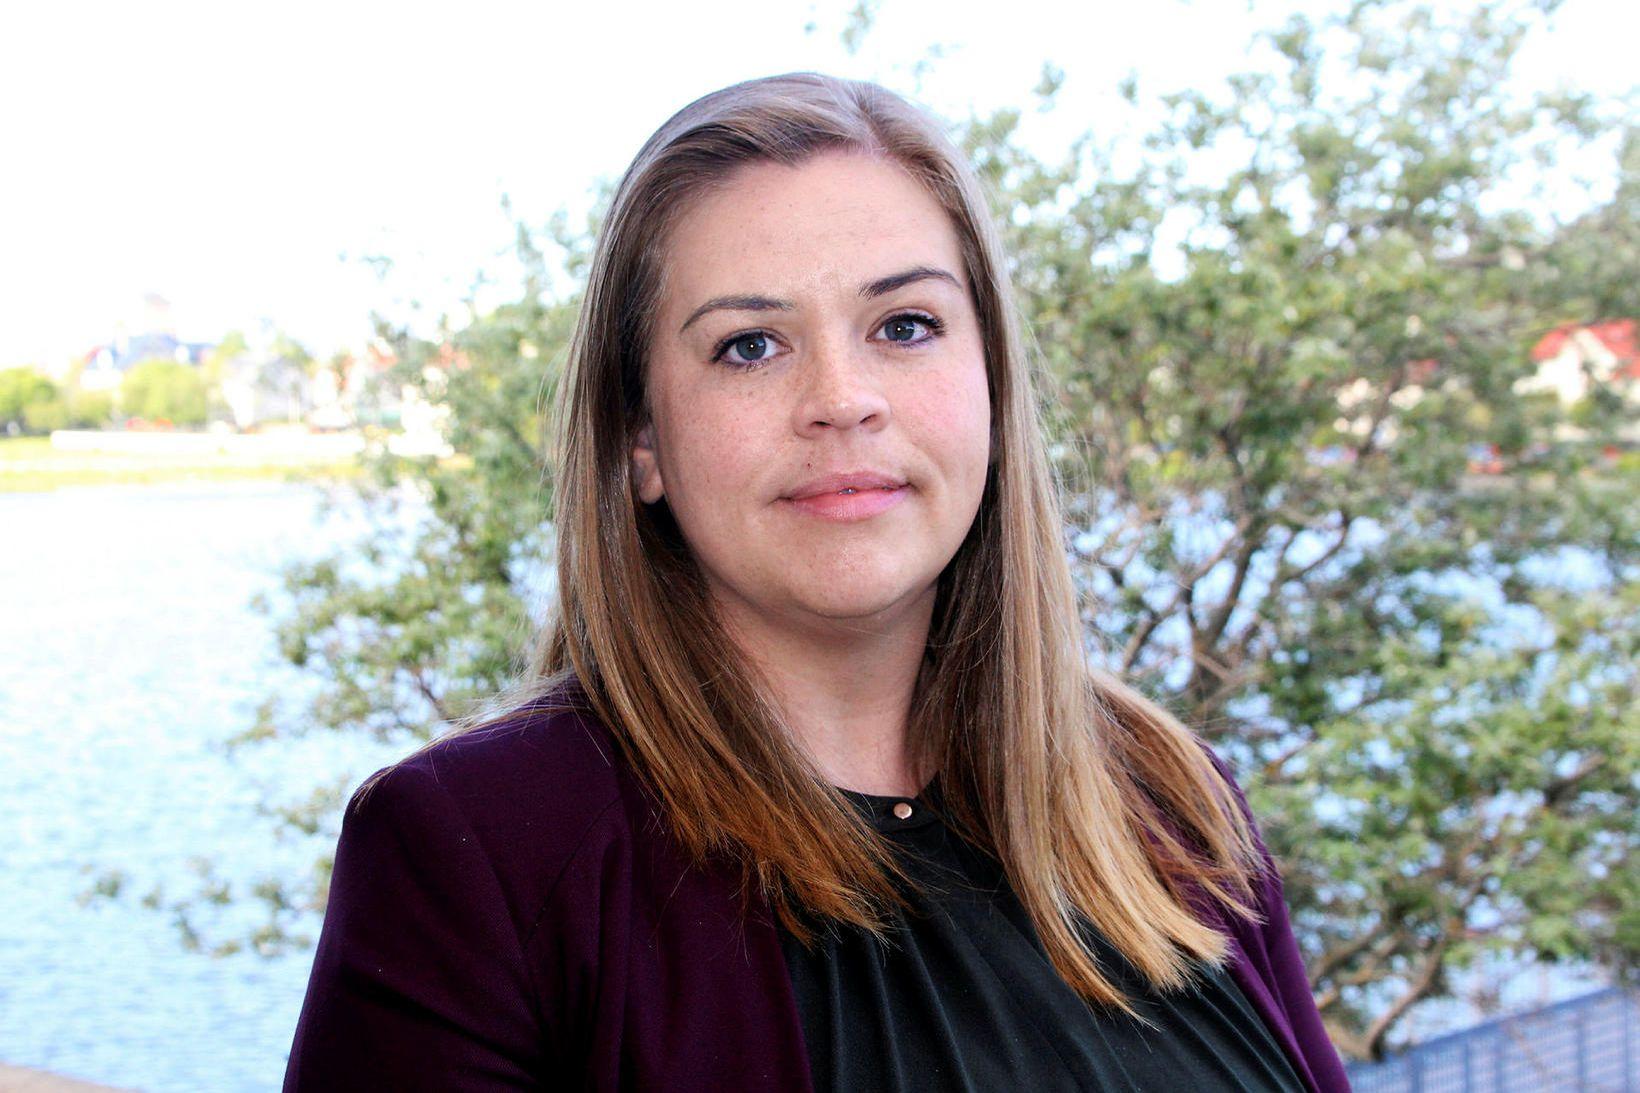 Rebekka Hilmarsdóttir, bæjarstjóri Vesturbyggðar, segir töluverðan fjölda starfa hafa orðið …